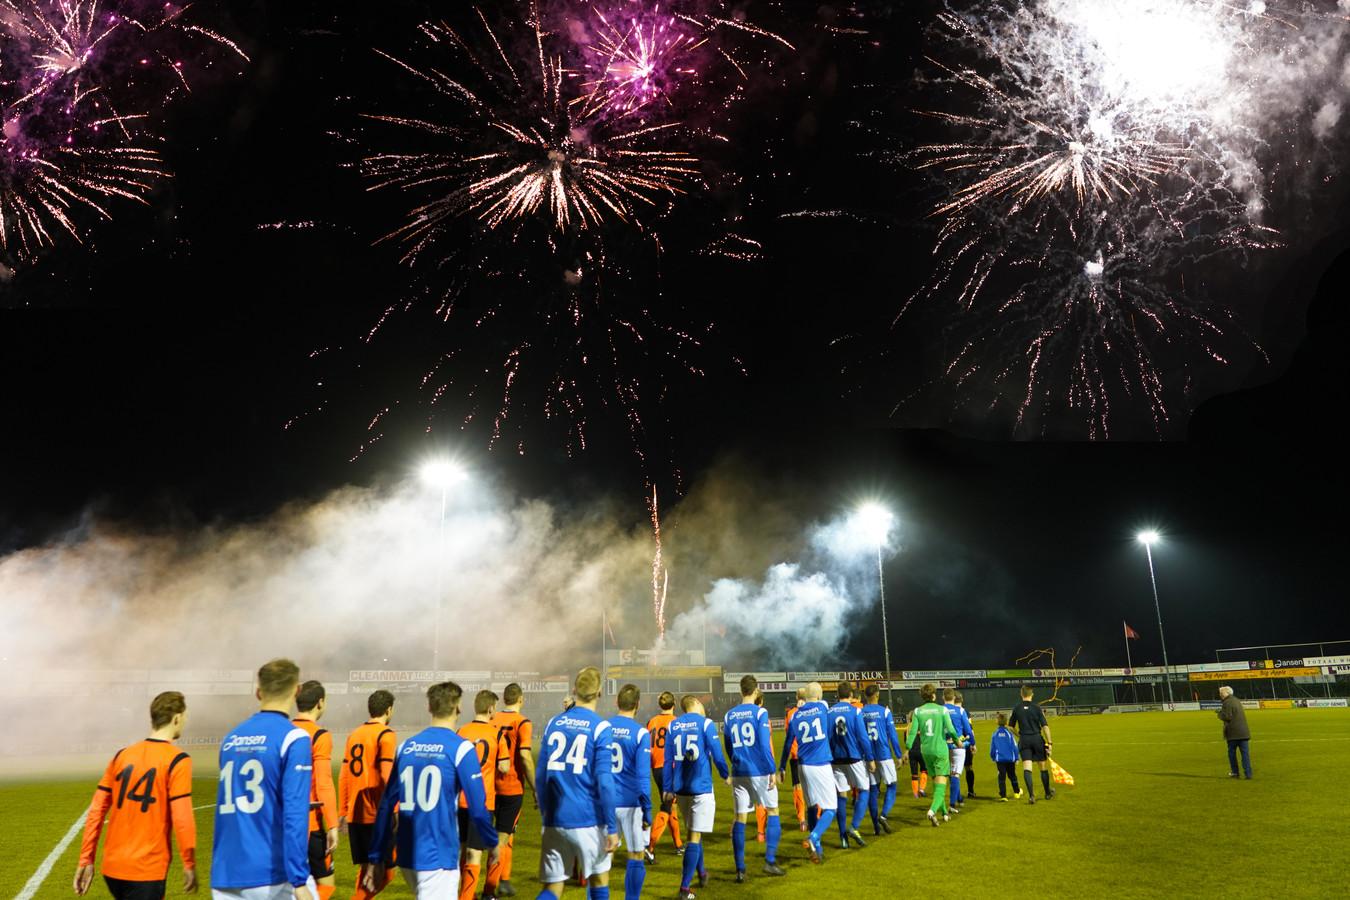 Verlangen naar de voetbalderby's in de Betuwe: De Bataven - RKHVV.